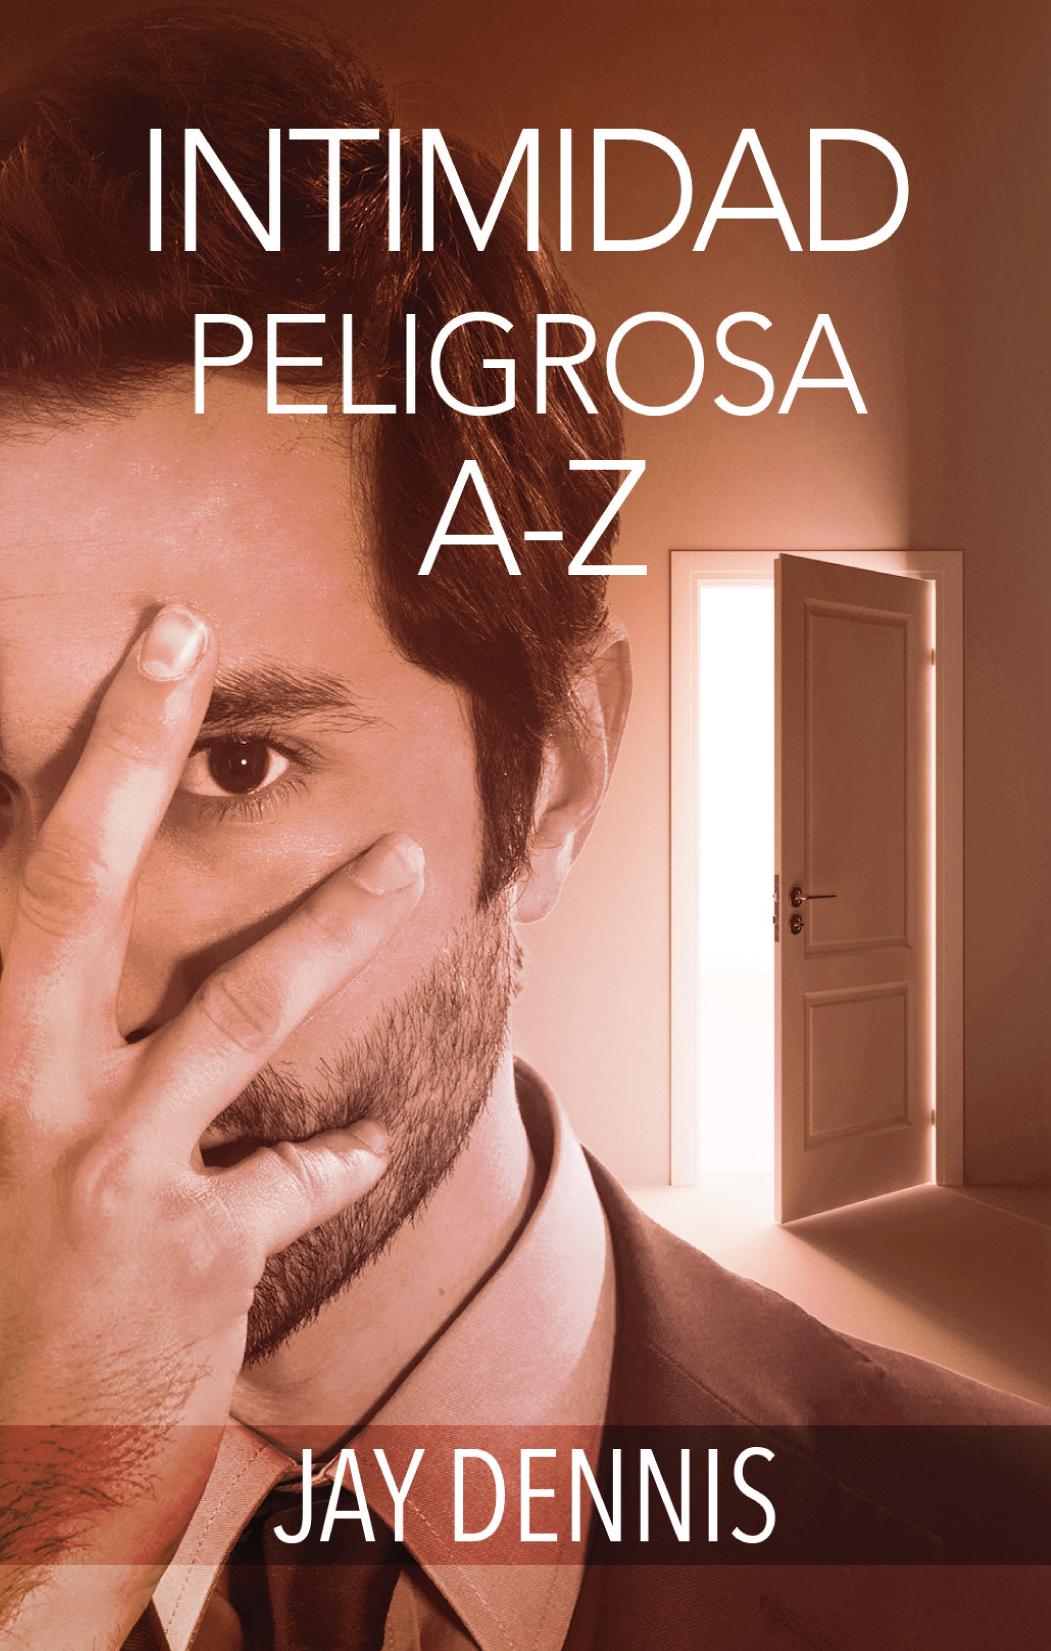 Intimidad Peligrosa A-Z